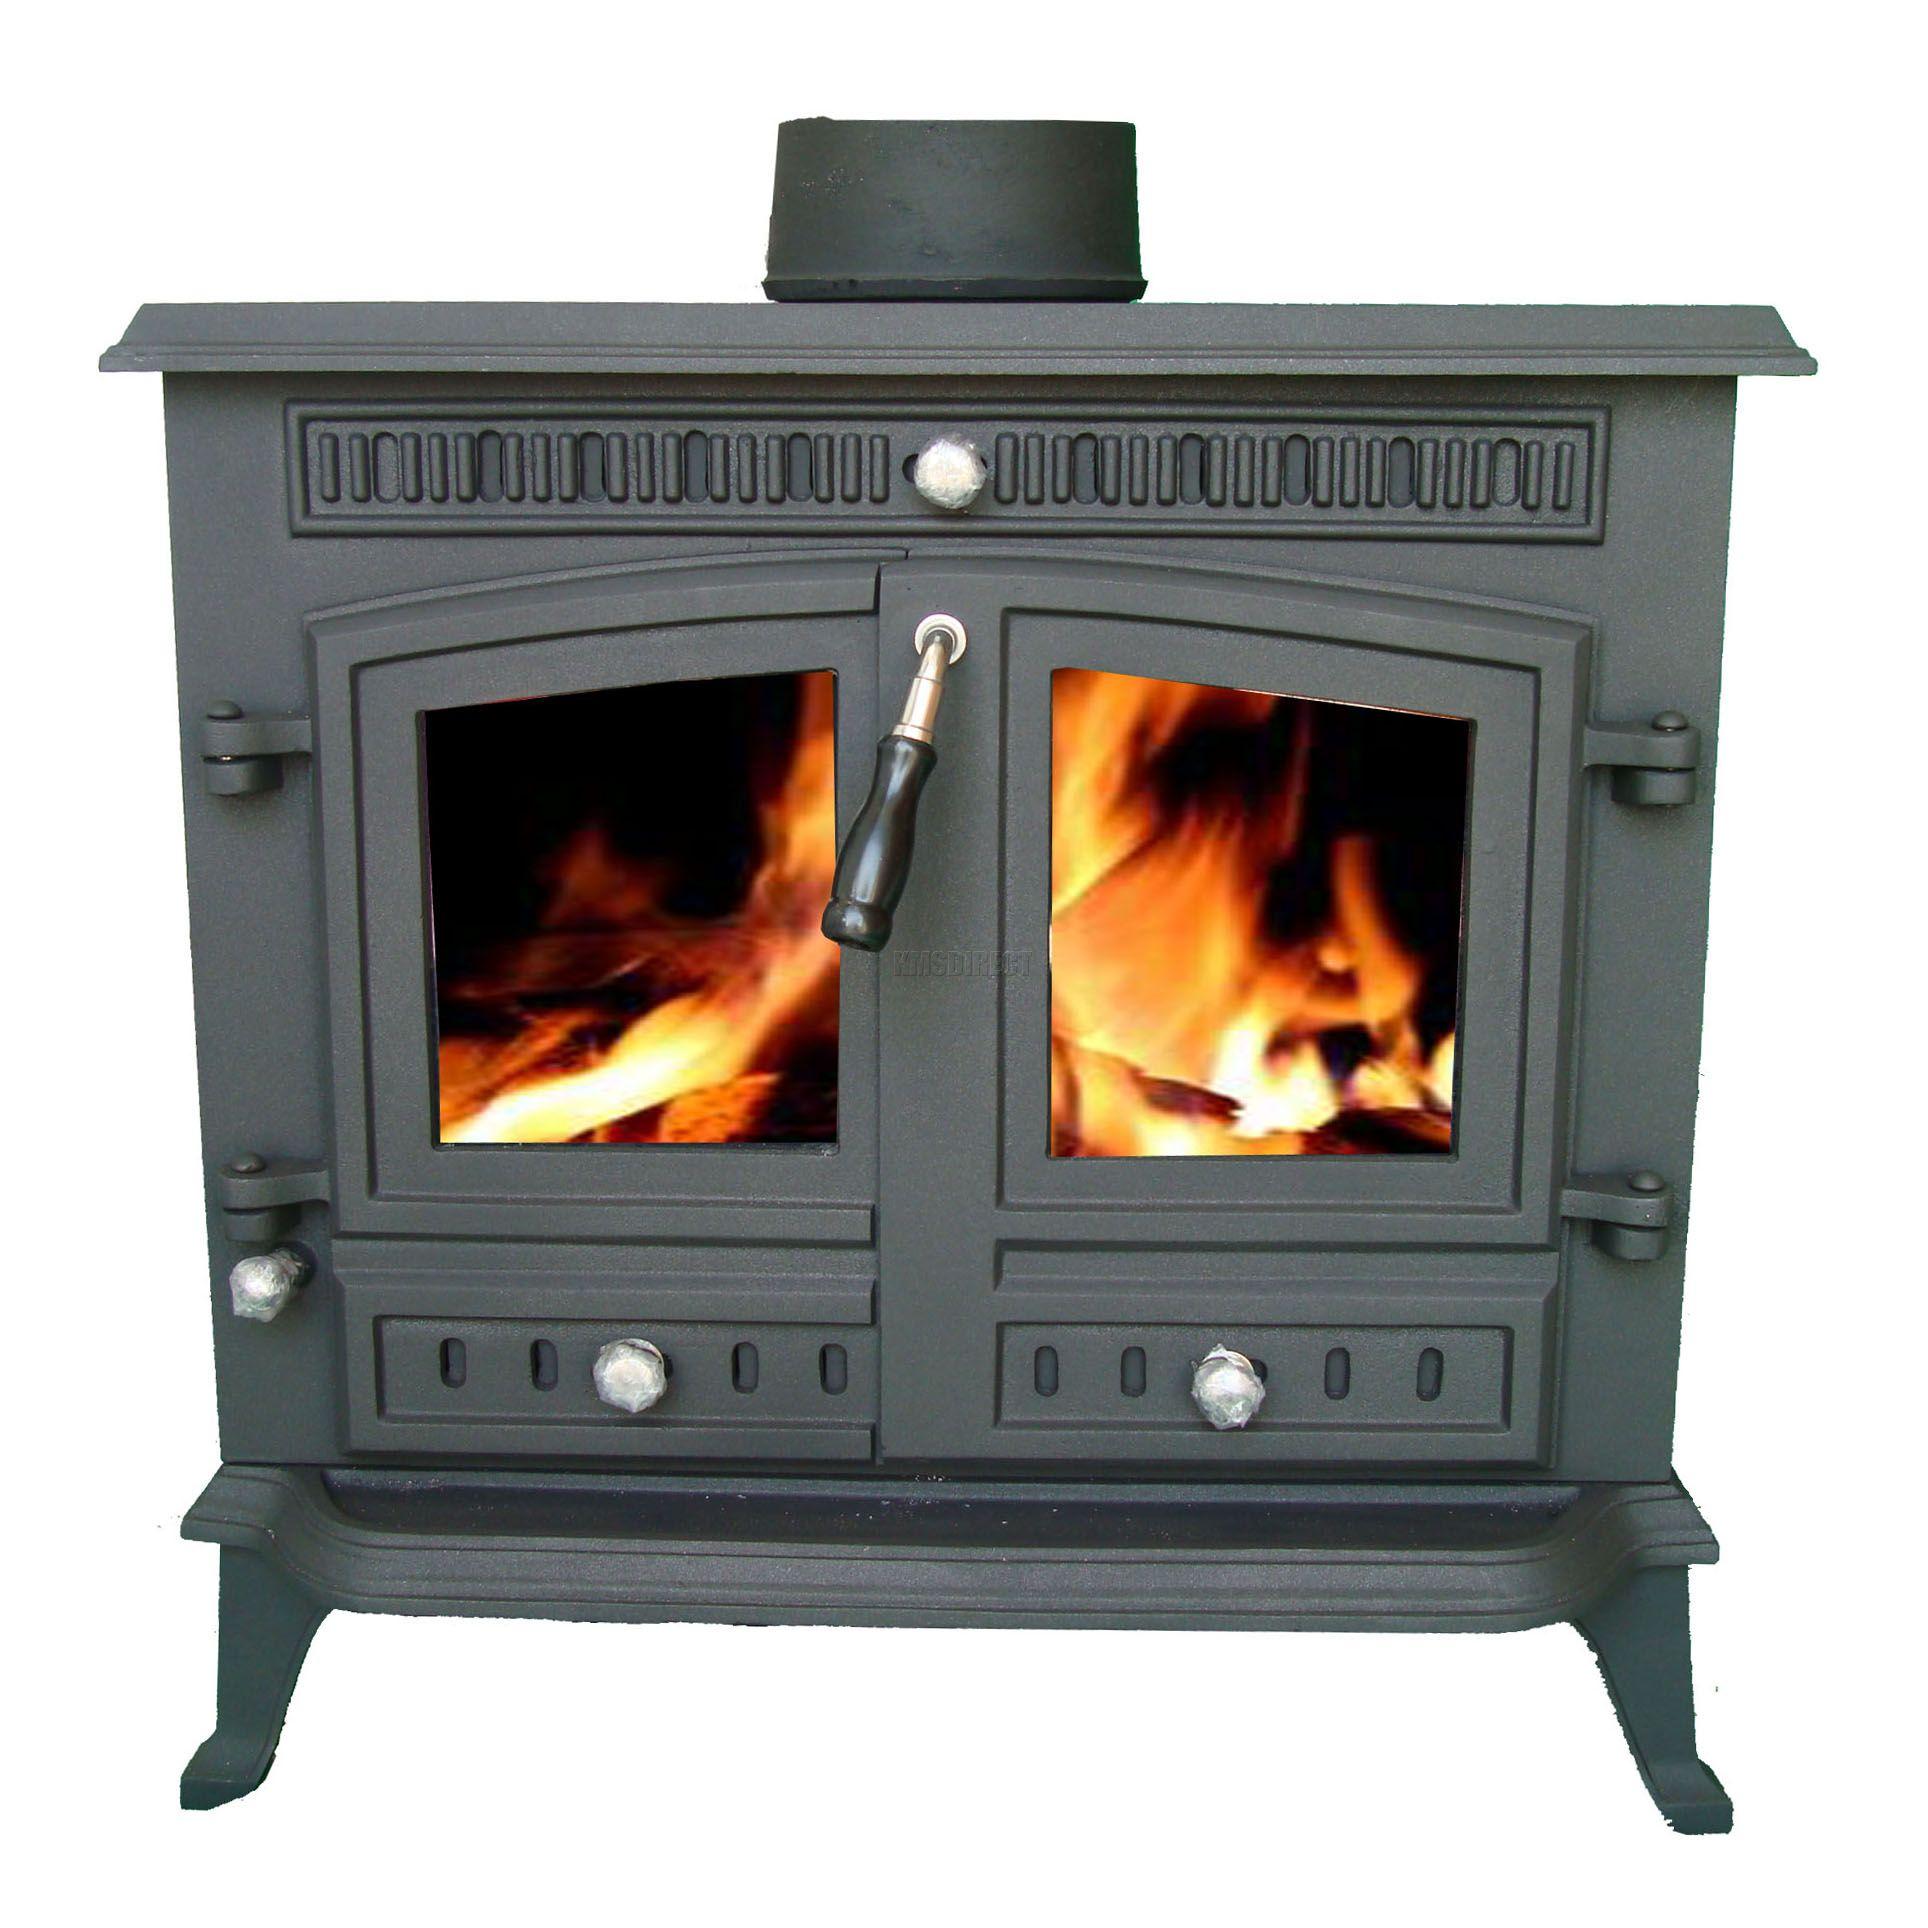 New Cast Iron Log Burner Multifuel Wood Burning 13 Kw